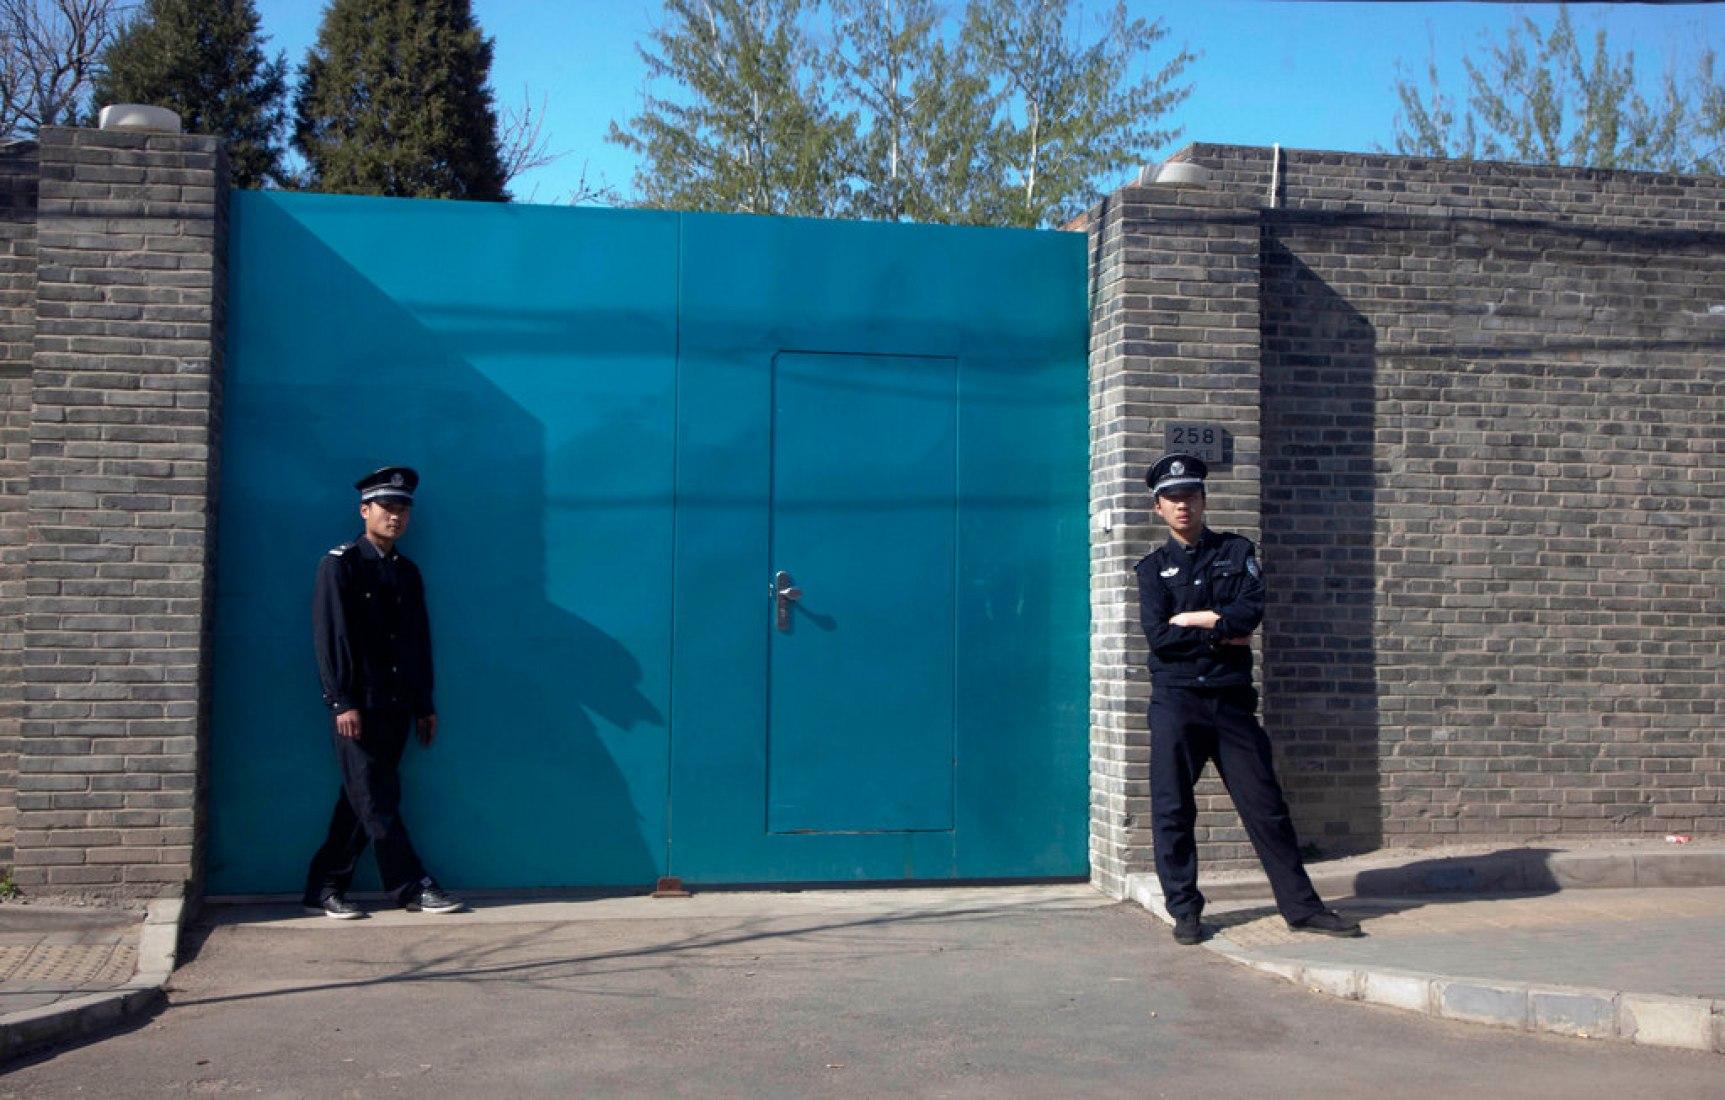 Un oficial de la policia, a la derecha, y un guardia de seguridad en el exterior de la entrada del estudio de Ai Weiwei en Pekín el domingo. Fotografía © Ng Han Guan